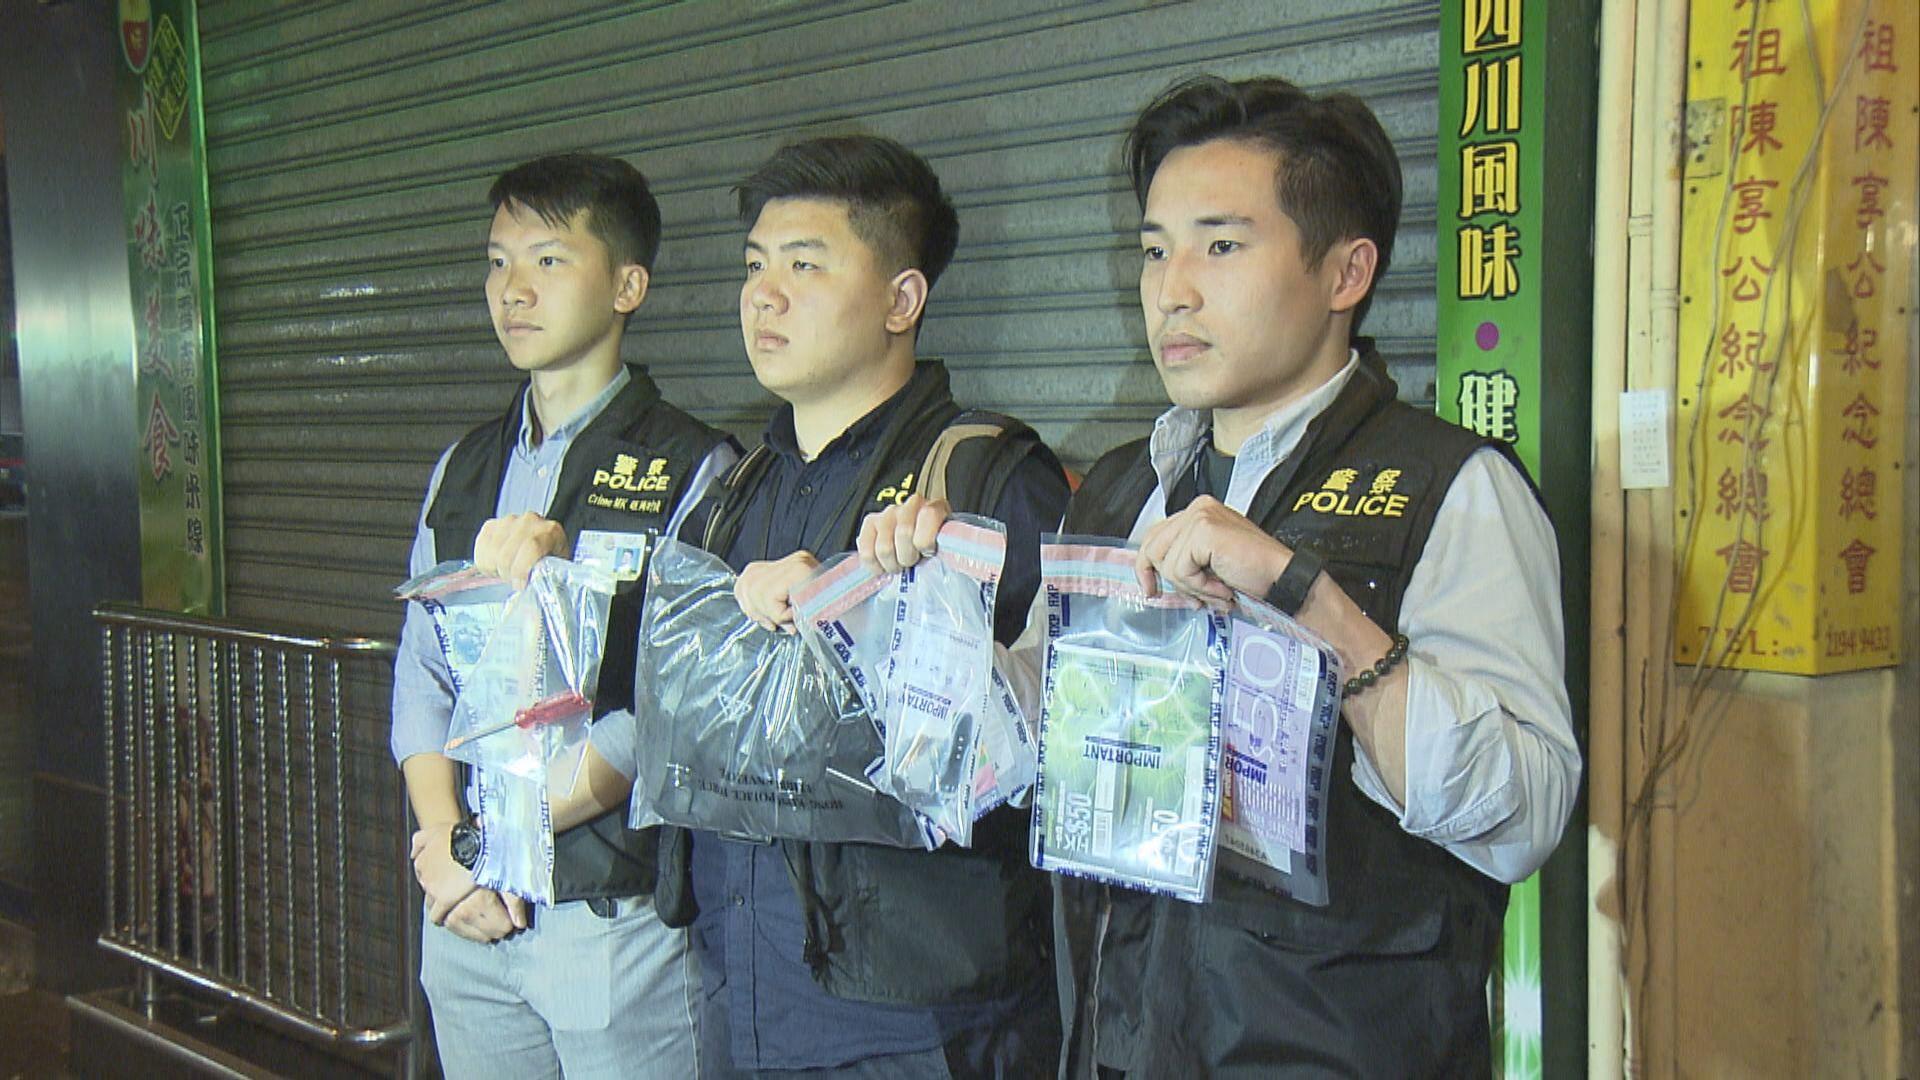 警方紅磡拘一漢涉西九龍區多宗車內盜竊